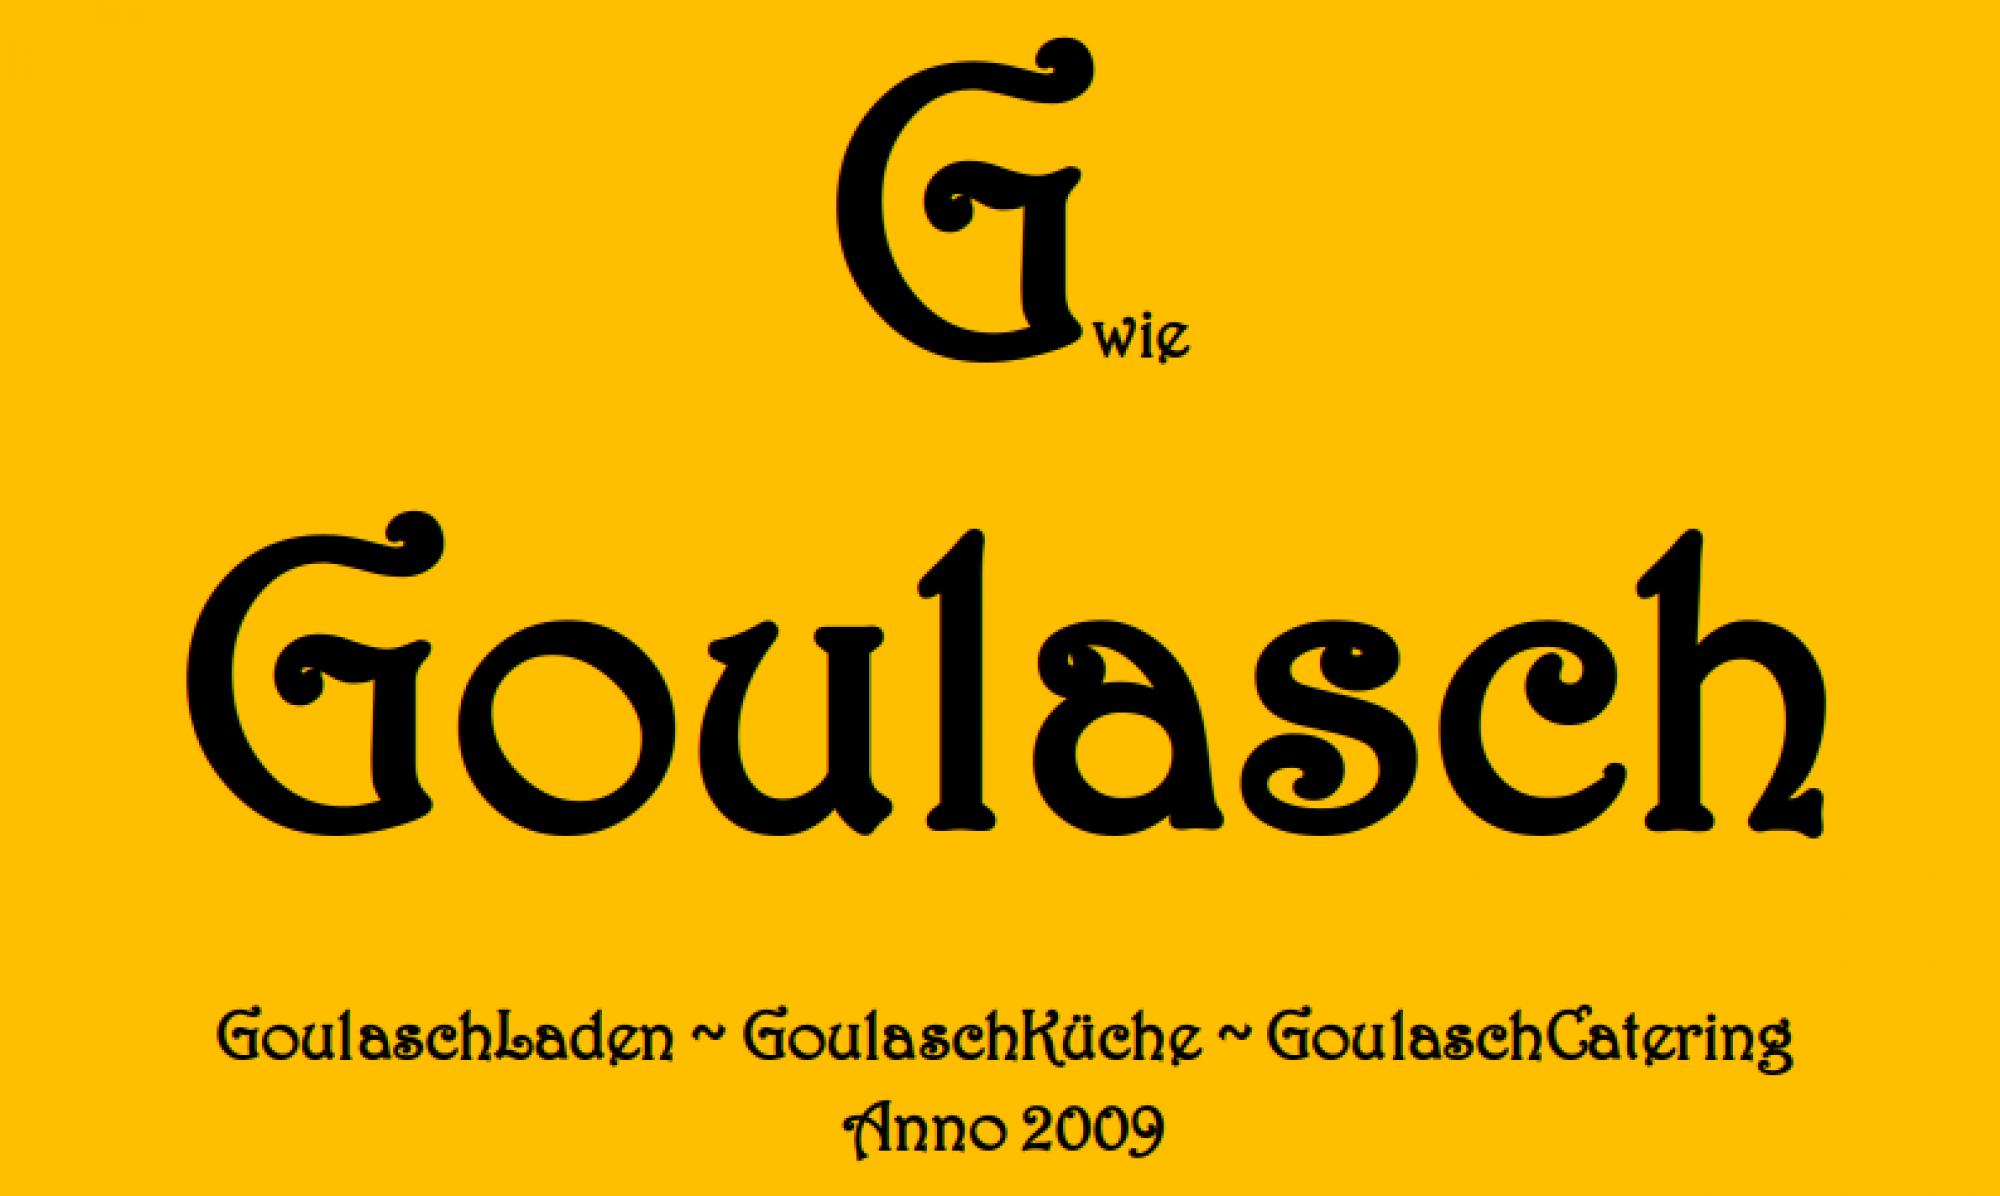 GwieGoulasch